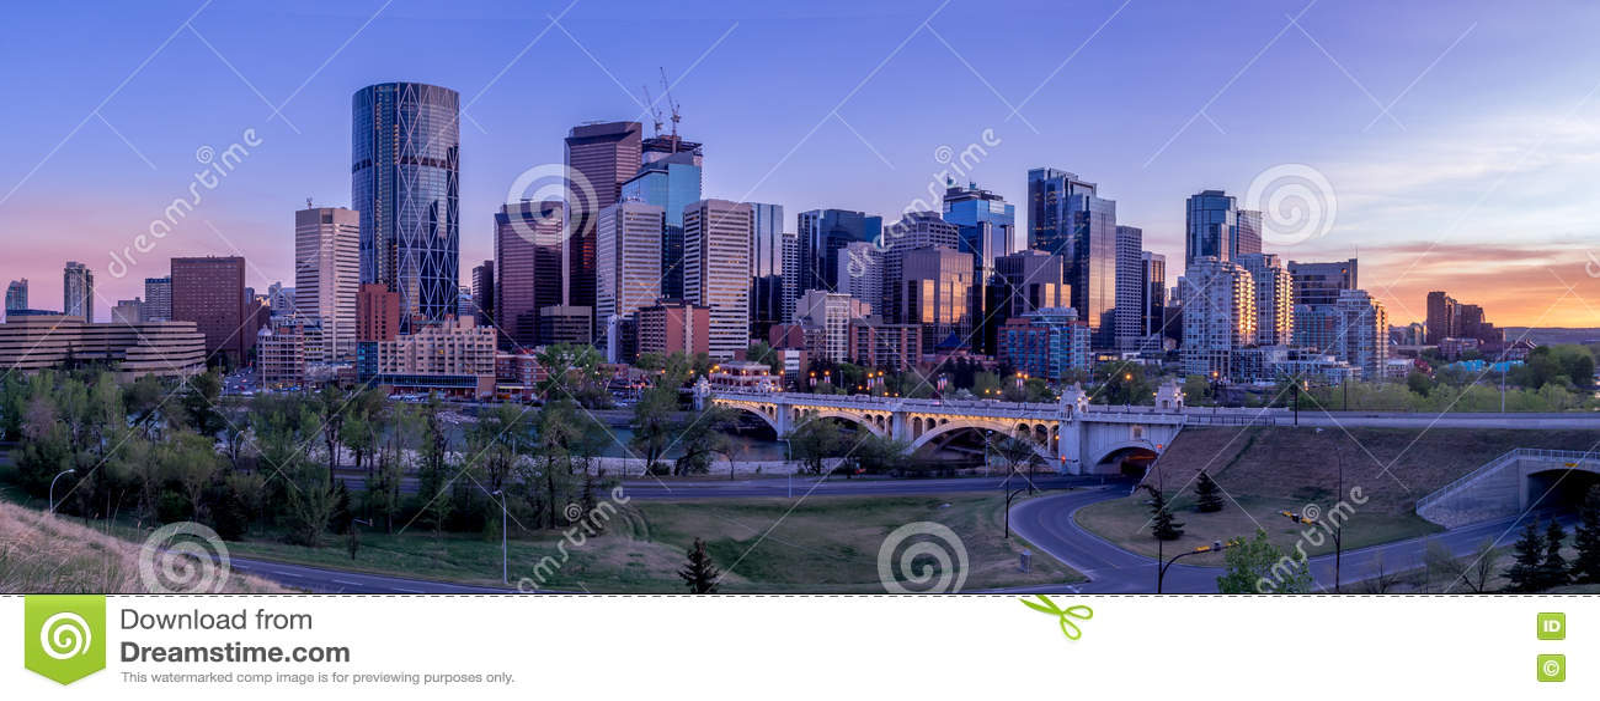 Paisaje urbano de la noche de Calgary, Canadá